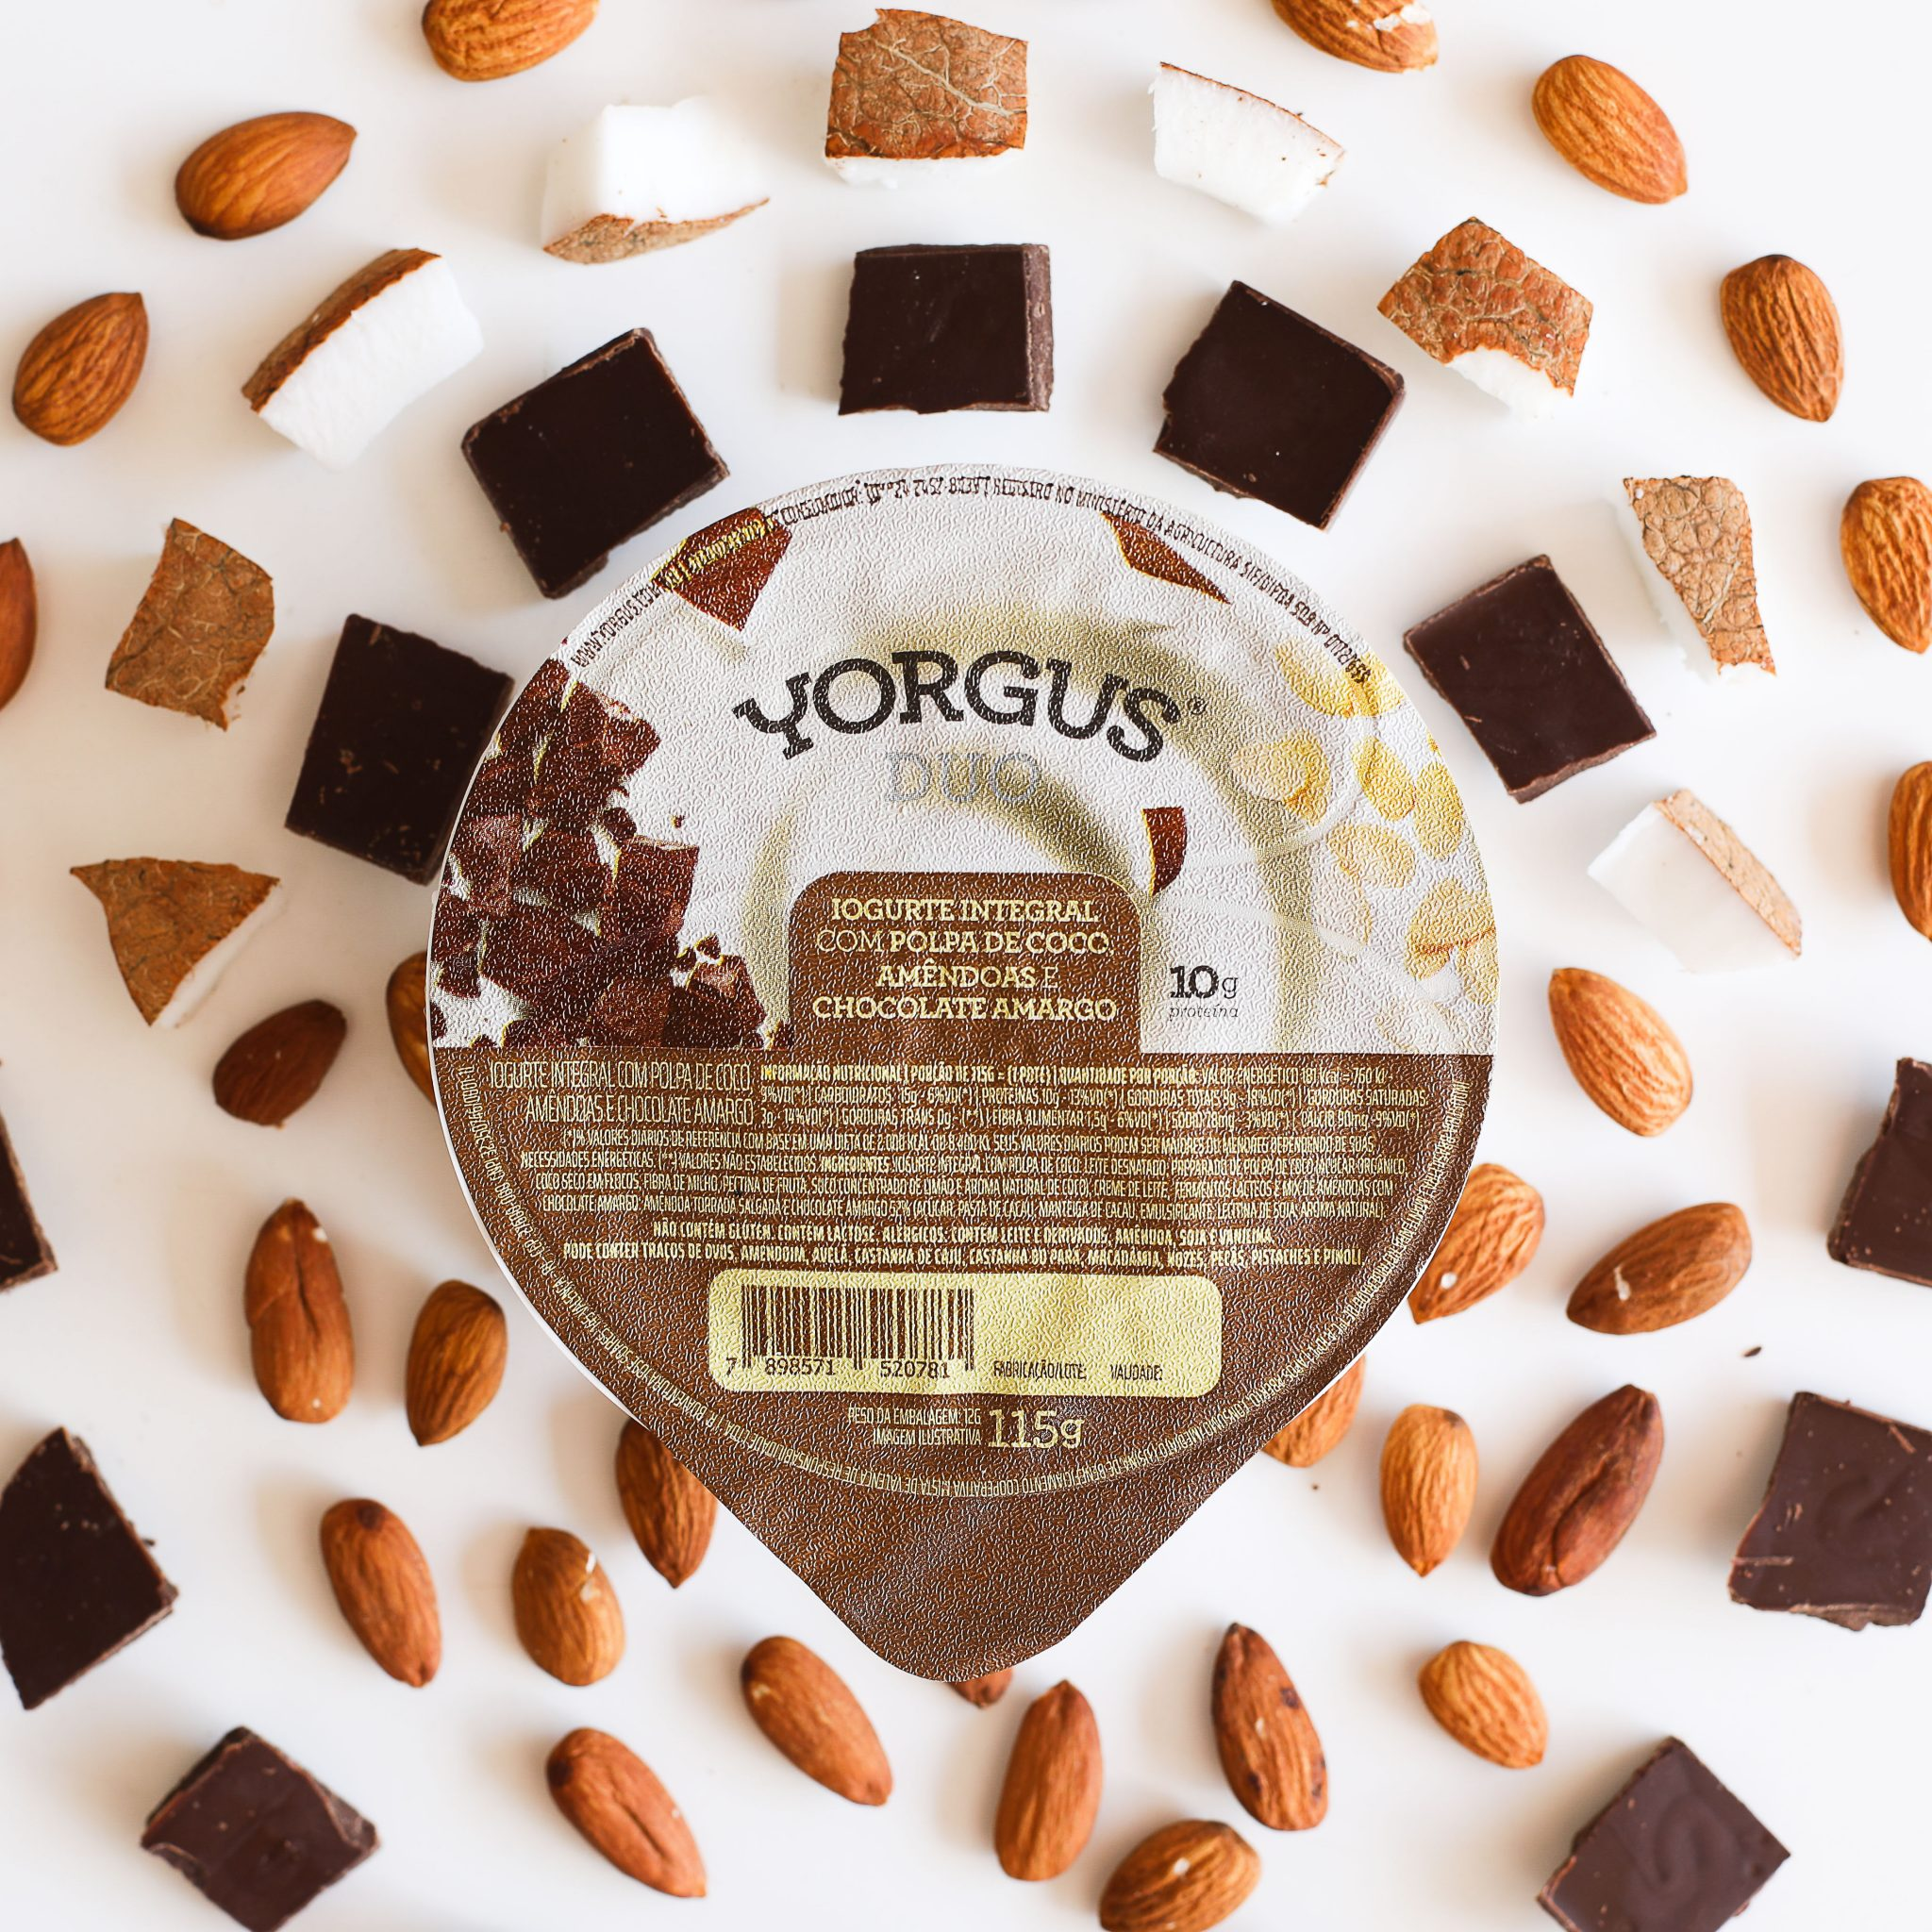 Yorgus3